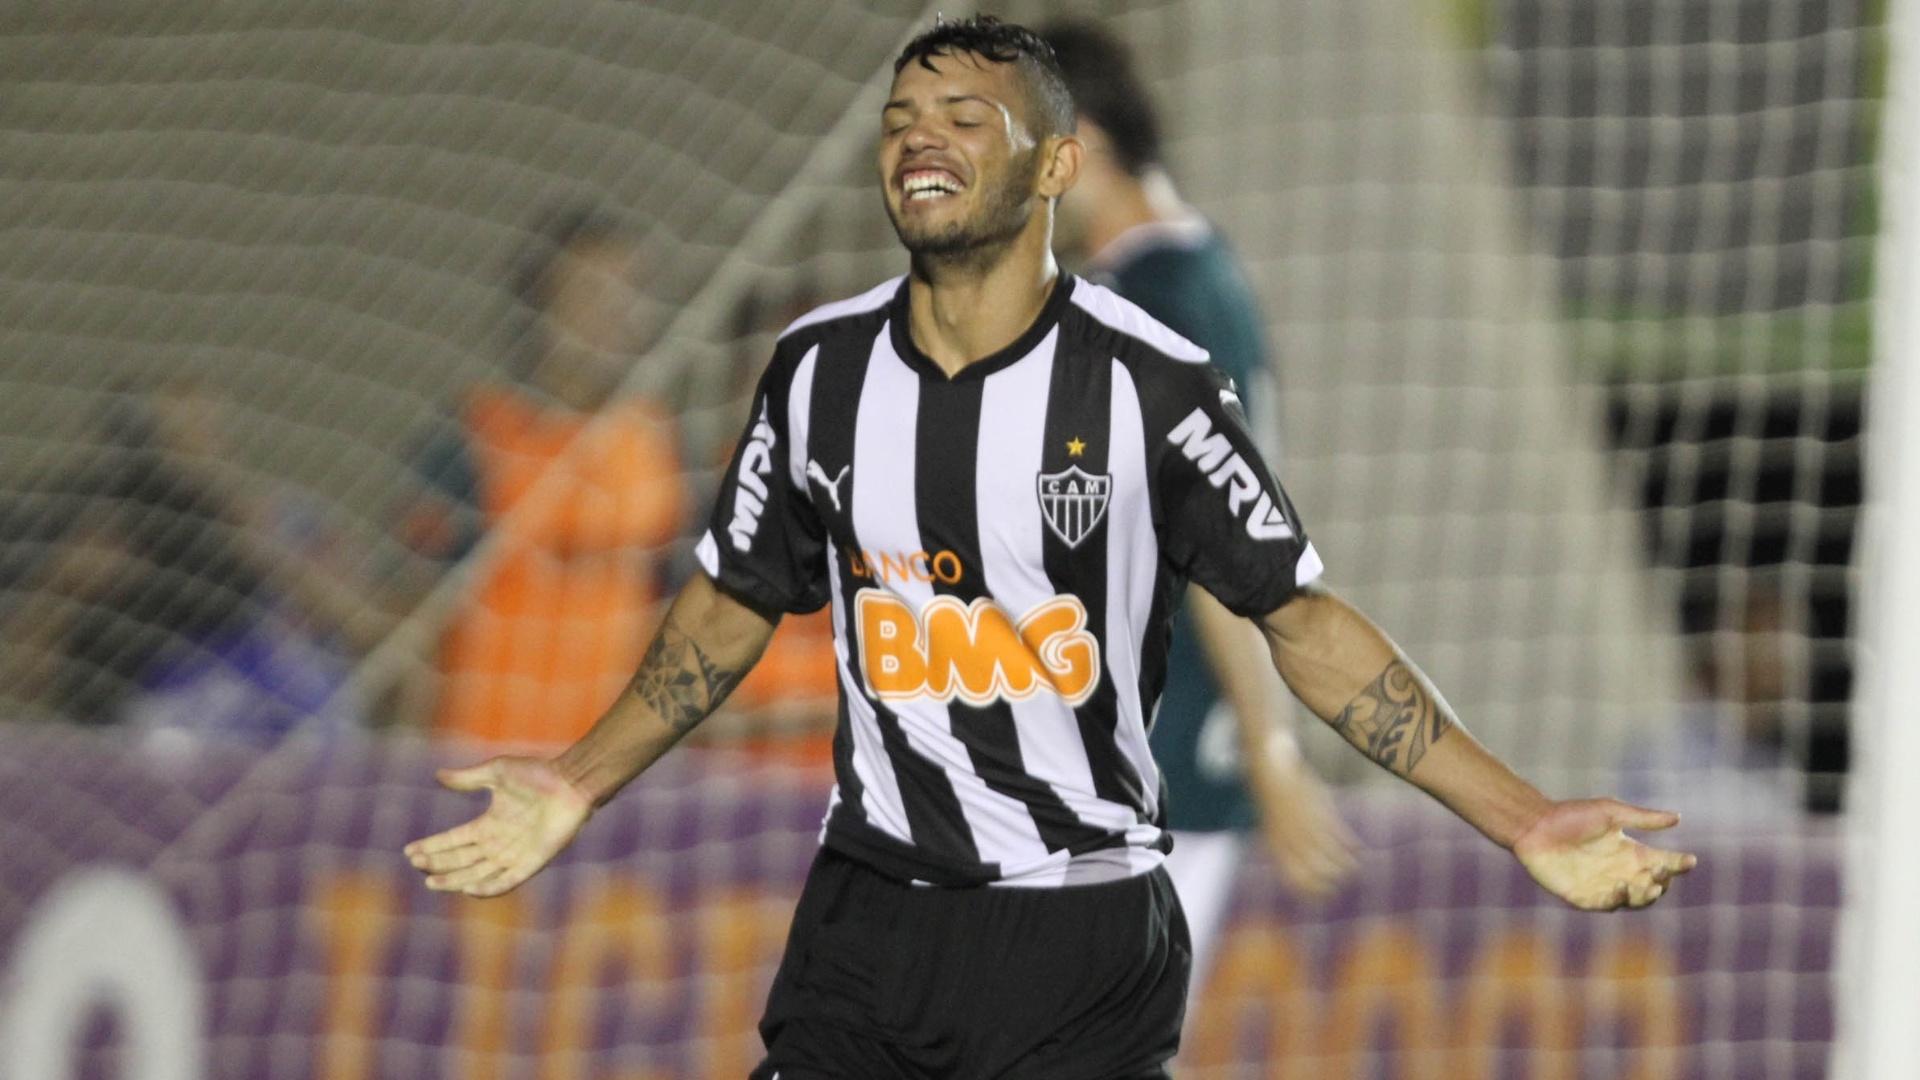 Carlos comemora gol do Atlético-MG contra o Goiás pelo Brasileirão